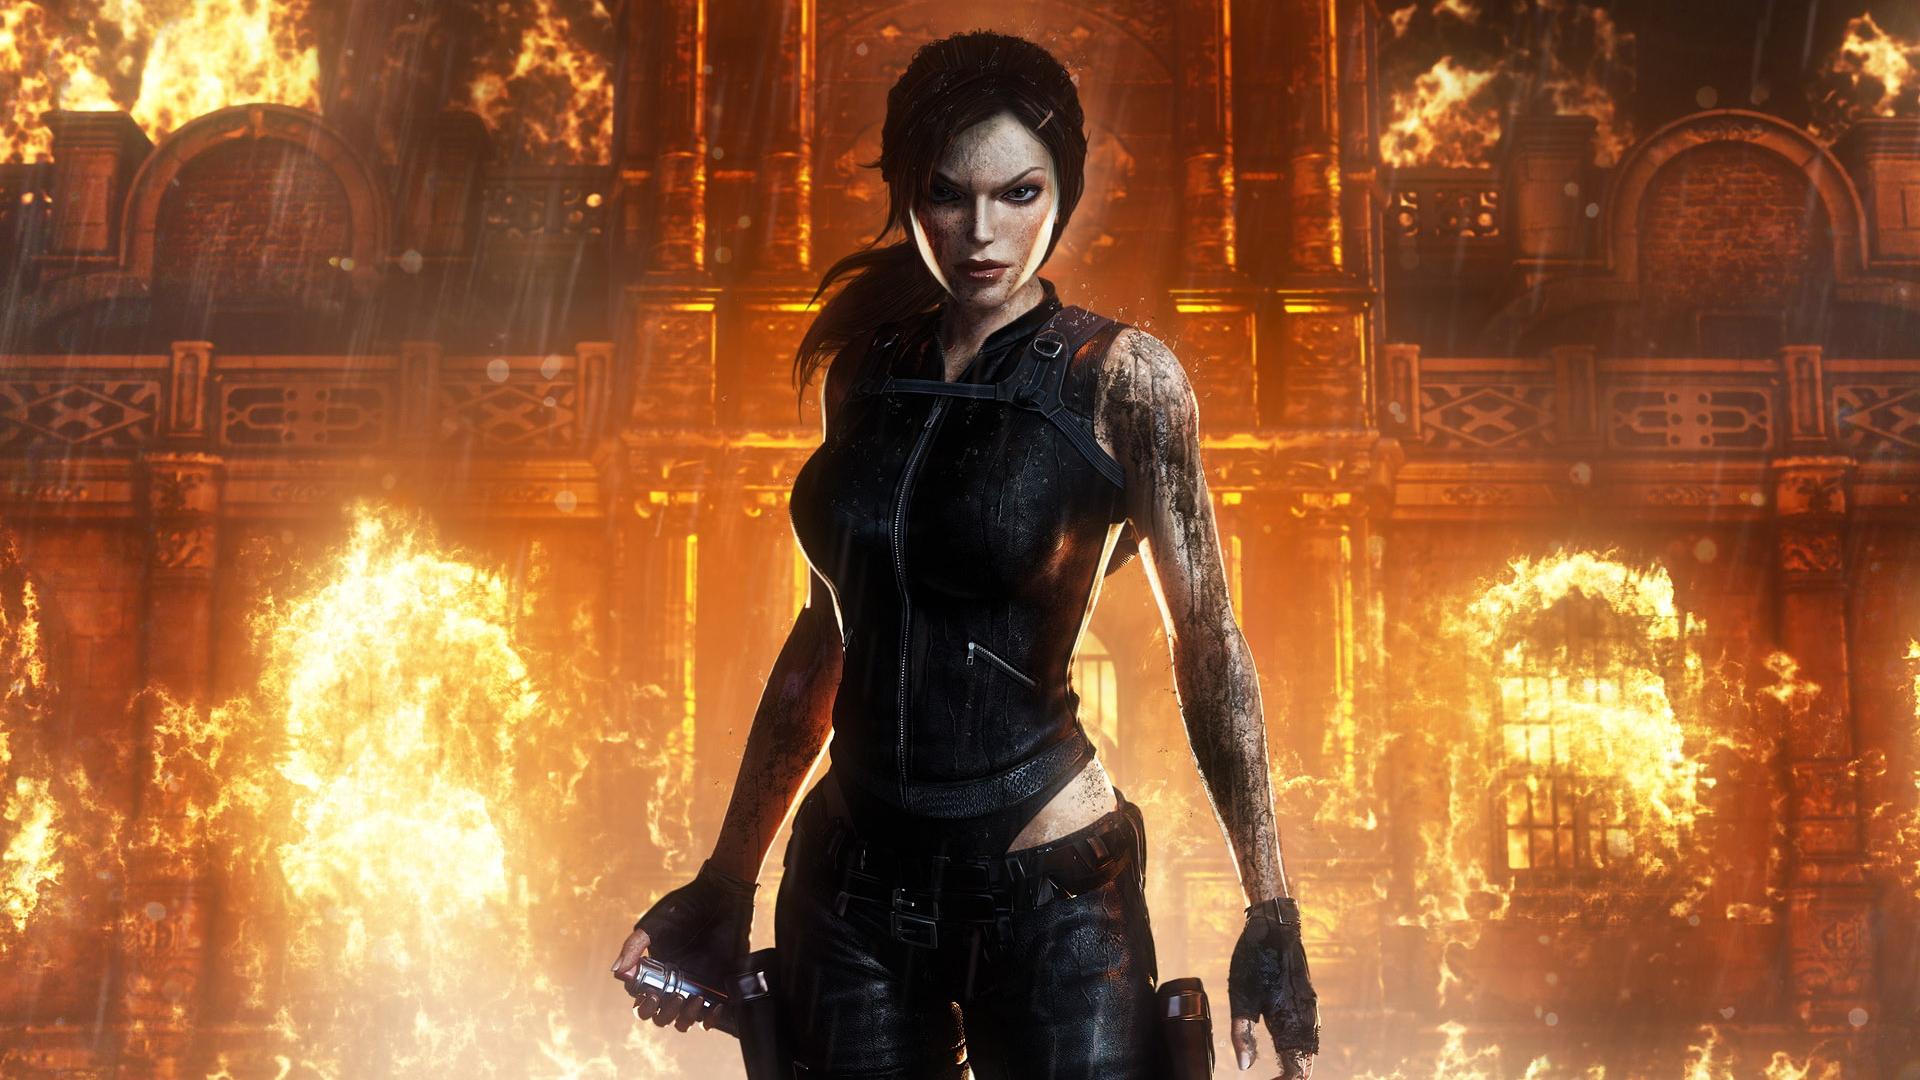 Nie podoba ci się, że w Tomb Raiderze będą zombie? To przypomnę, z czym wcześniej walczyła Lara Croft